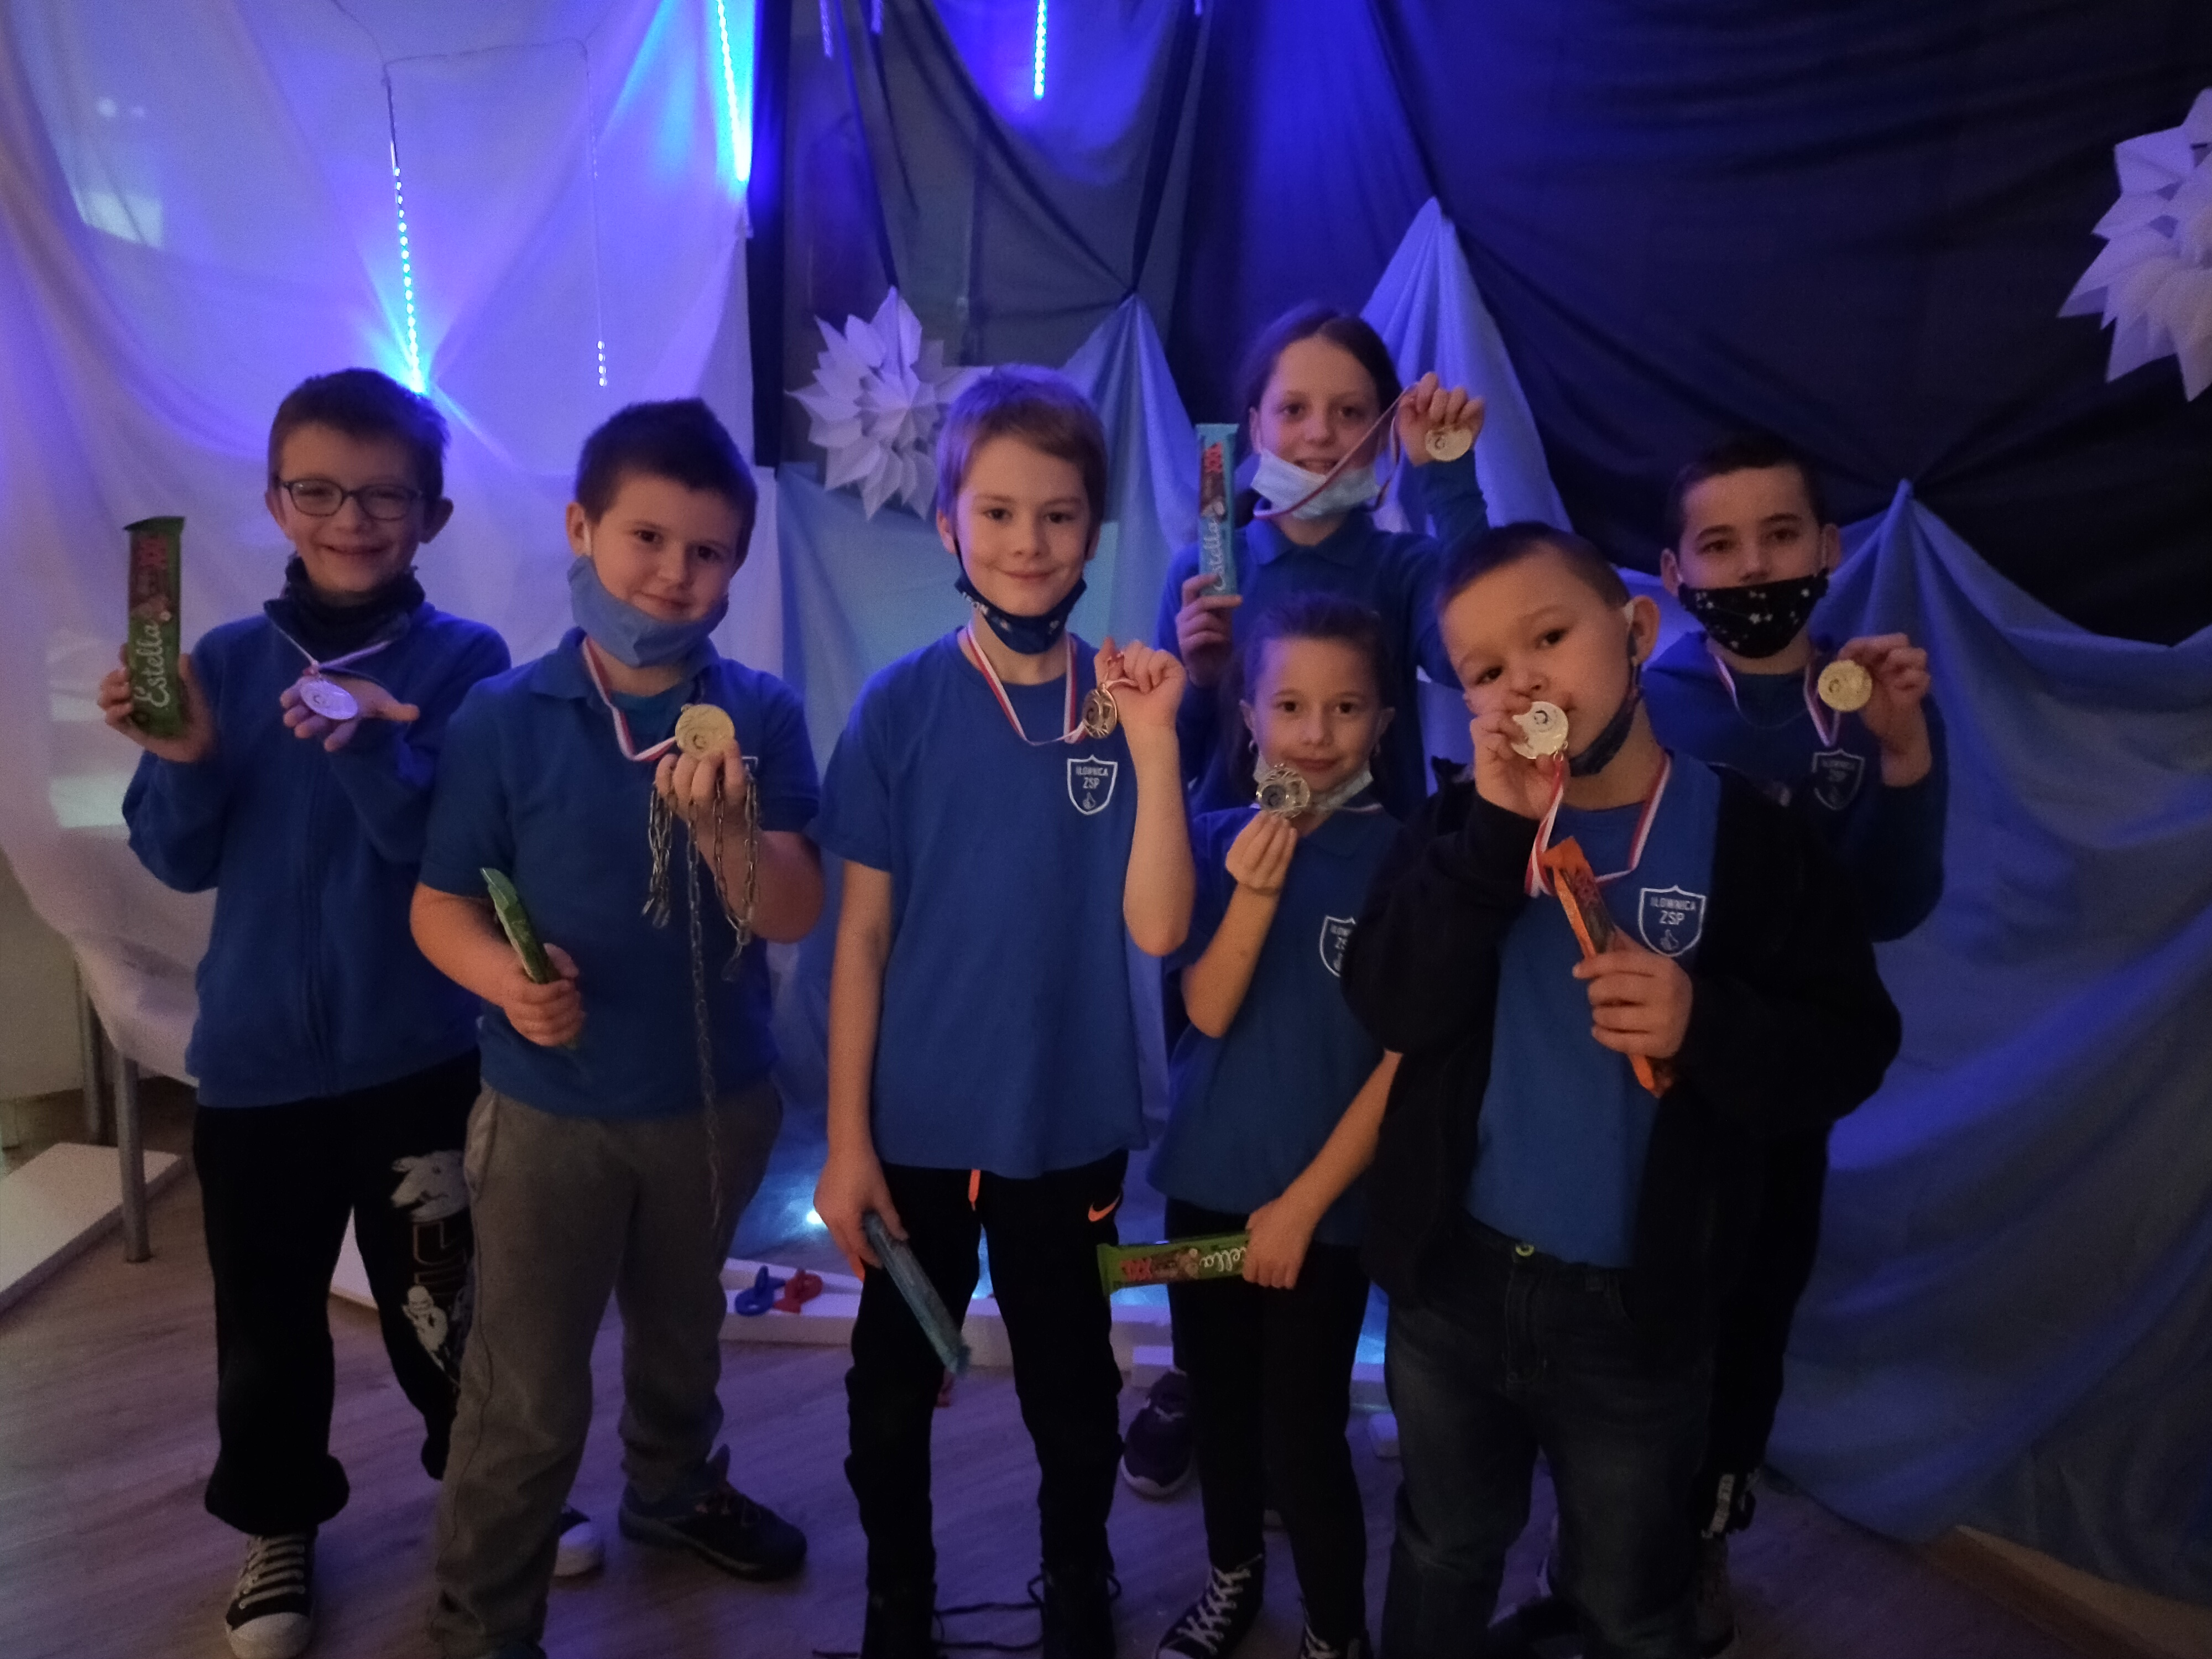 Uczniowie biorący udział w zabawie. W rękach trzymają medale.